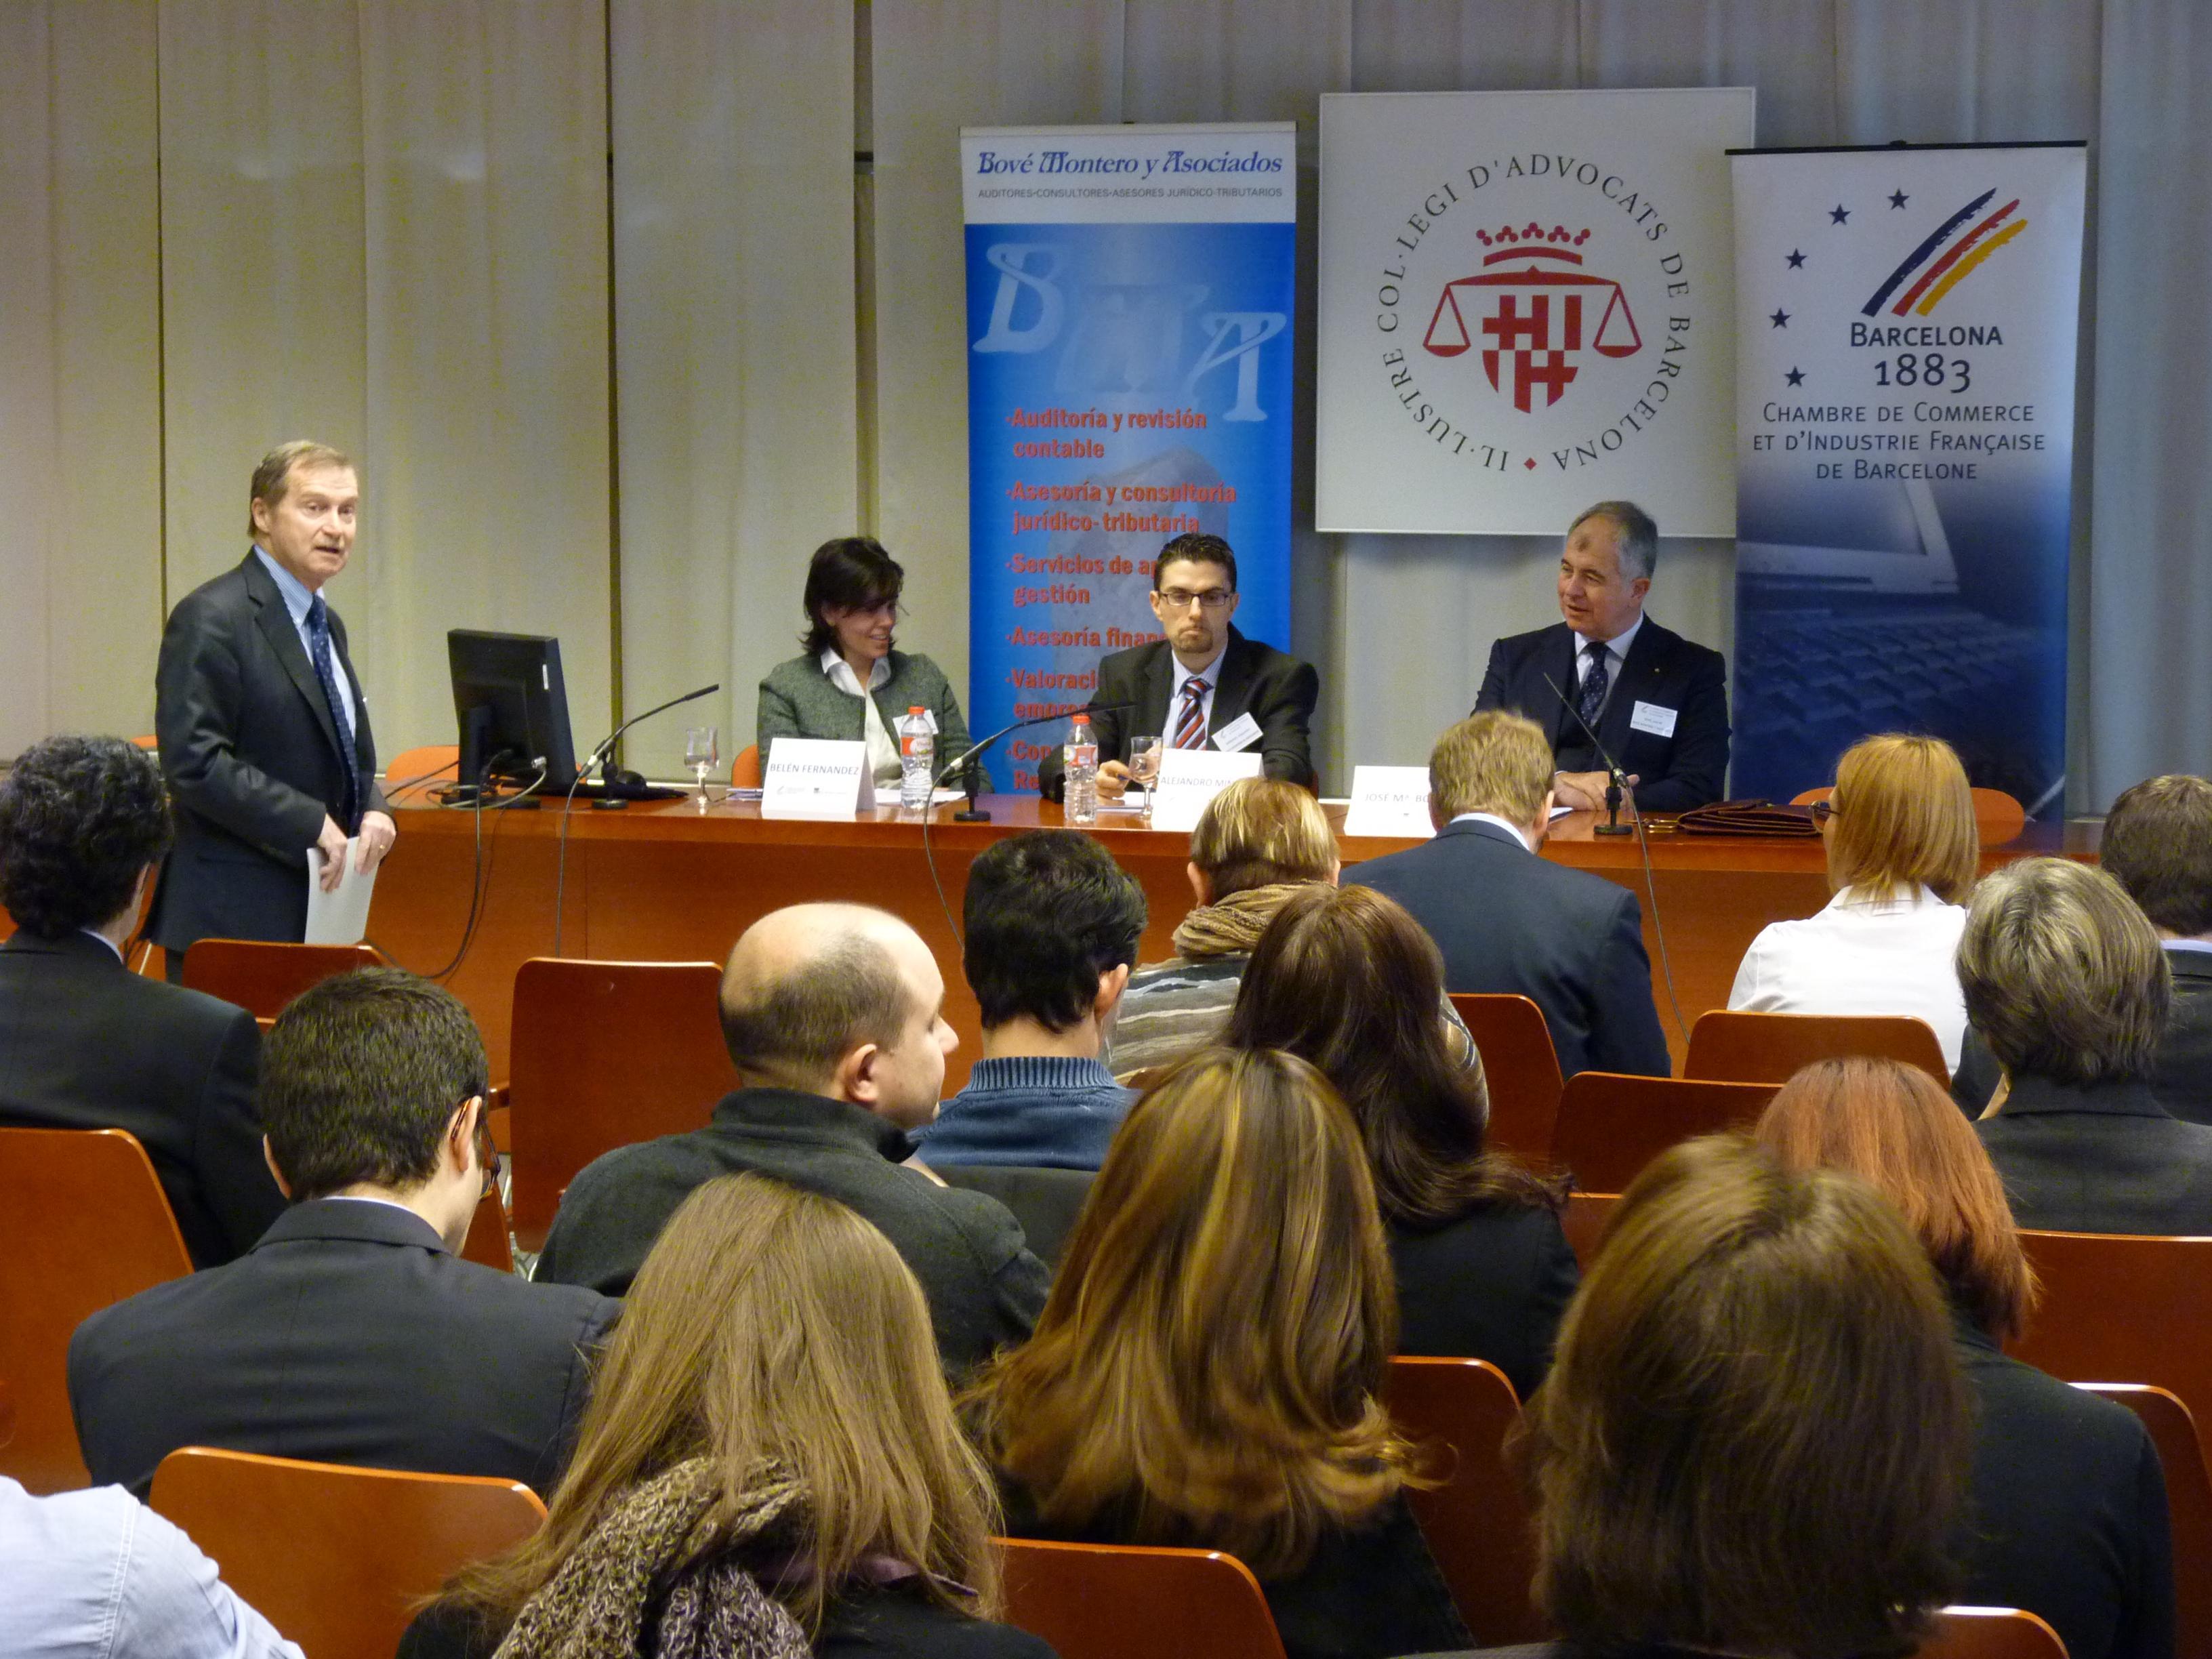 Philippe Saman, Belén Fernández y Alejandro Miñano_José María Bové